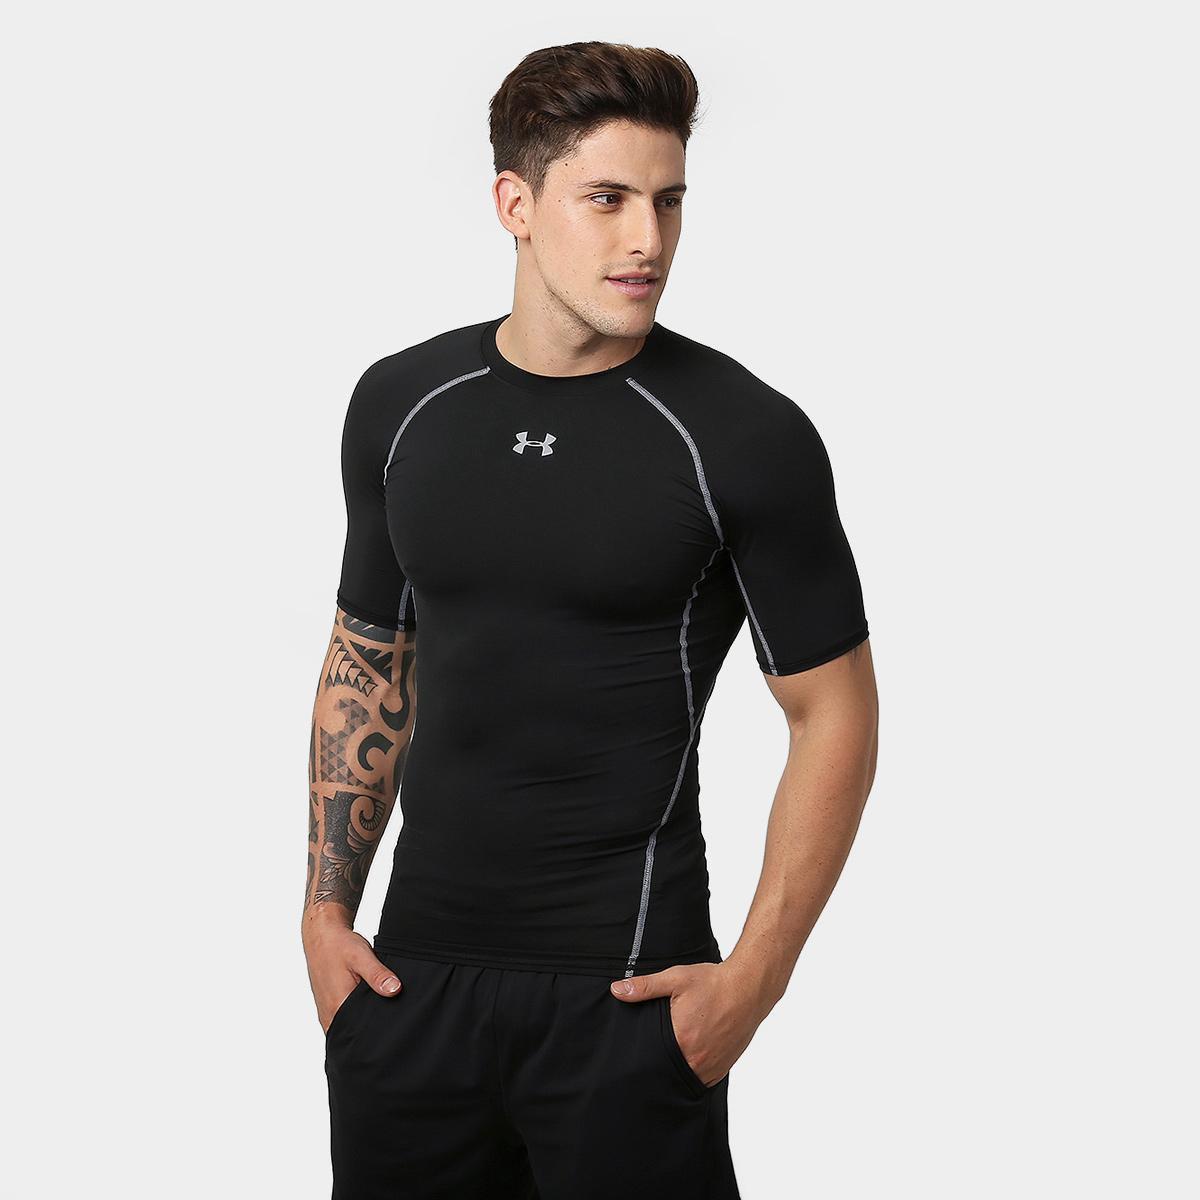 8bfc3d930f Camiseta de Compressão Under Armour Heatgear Masculina - Compre Agora